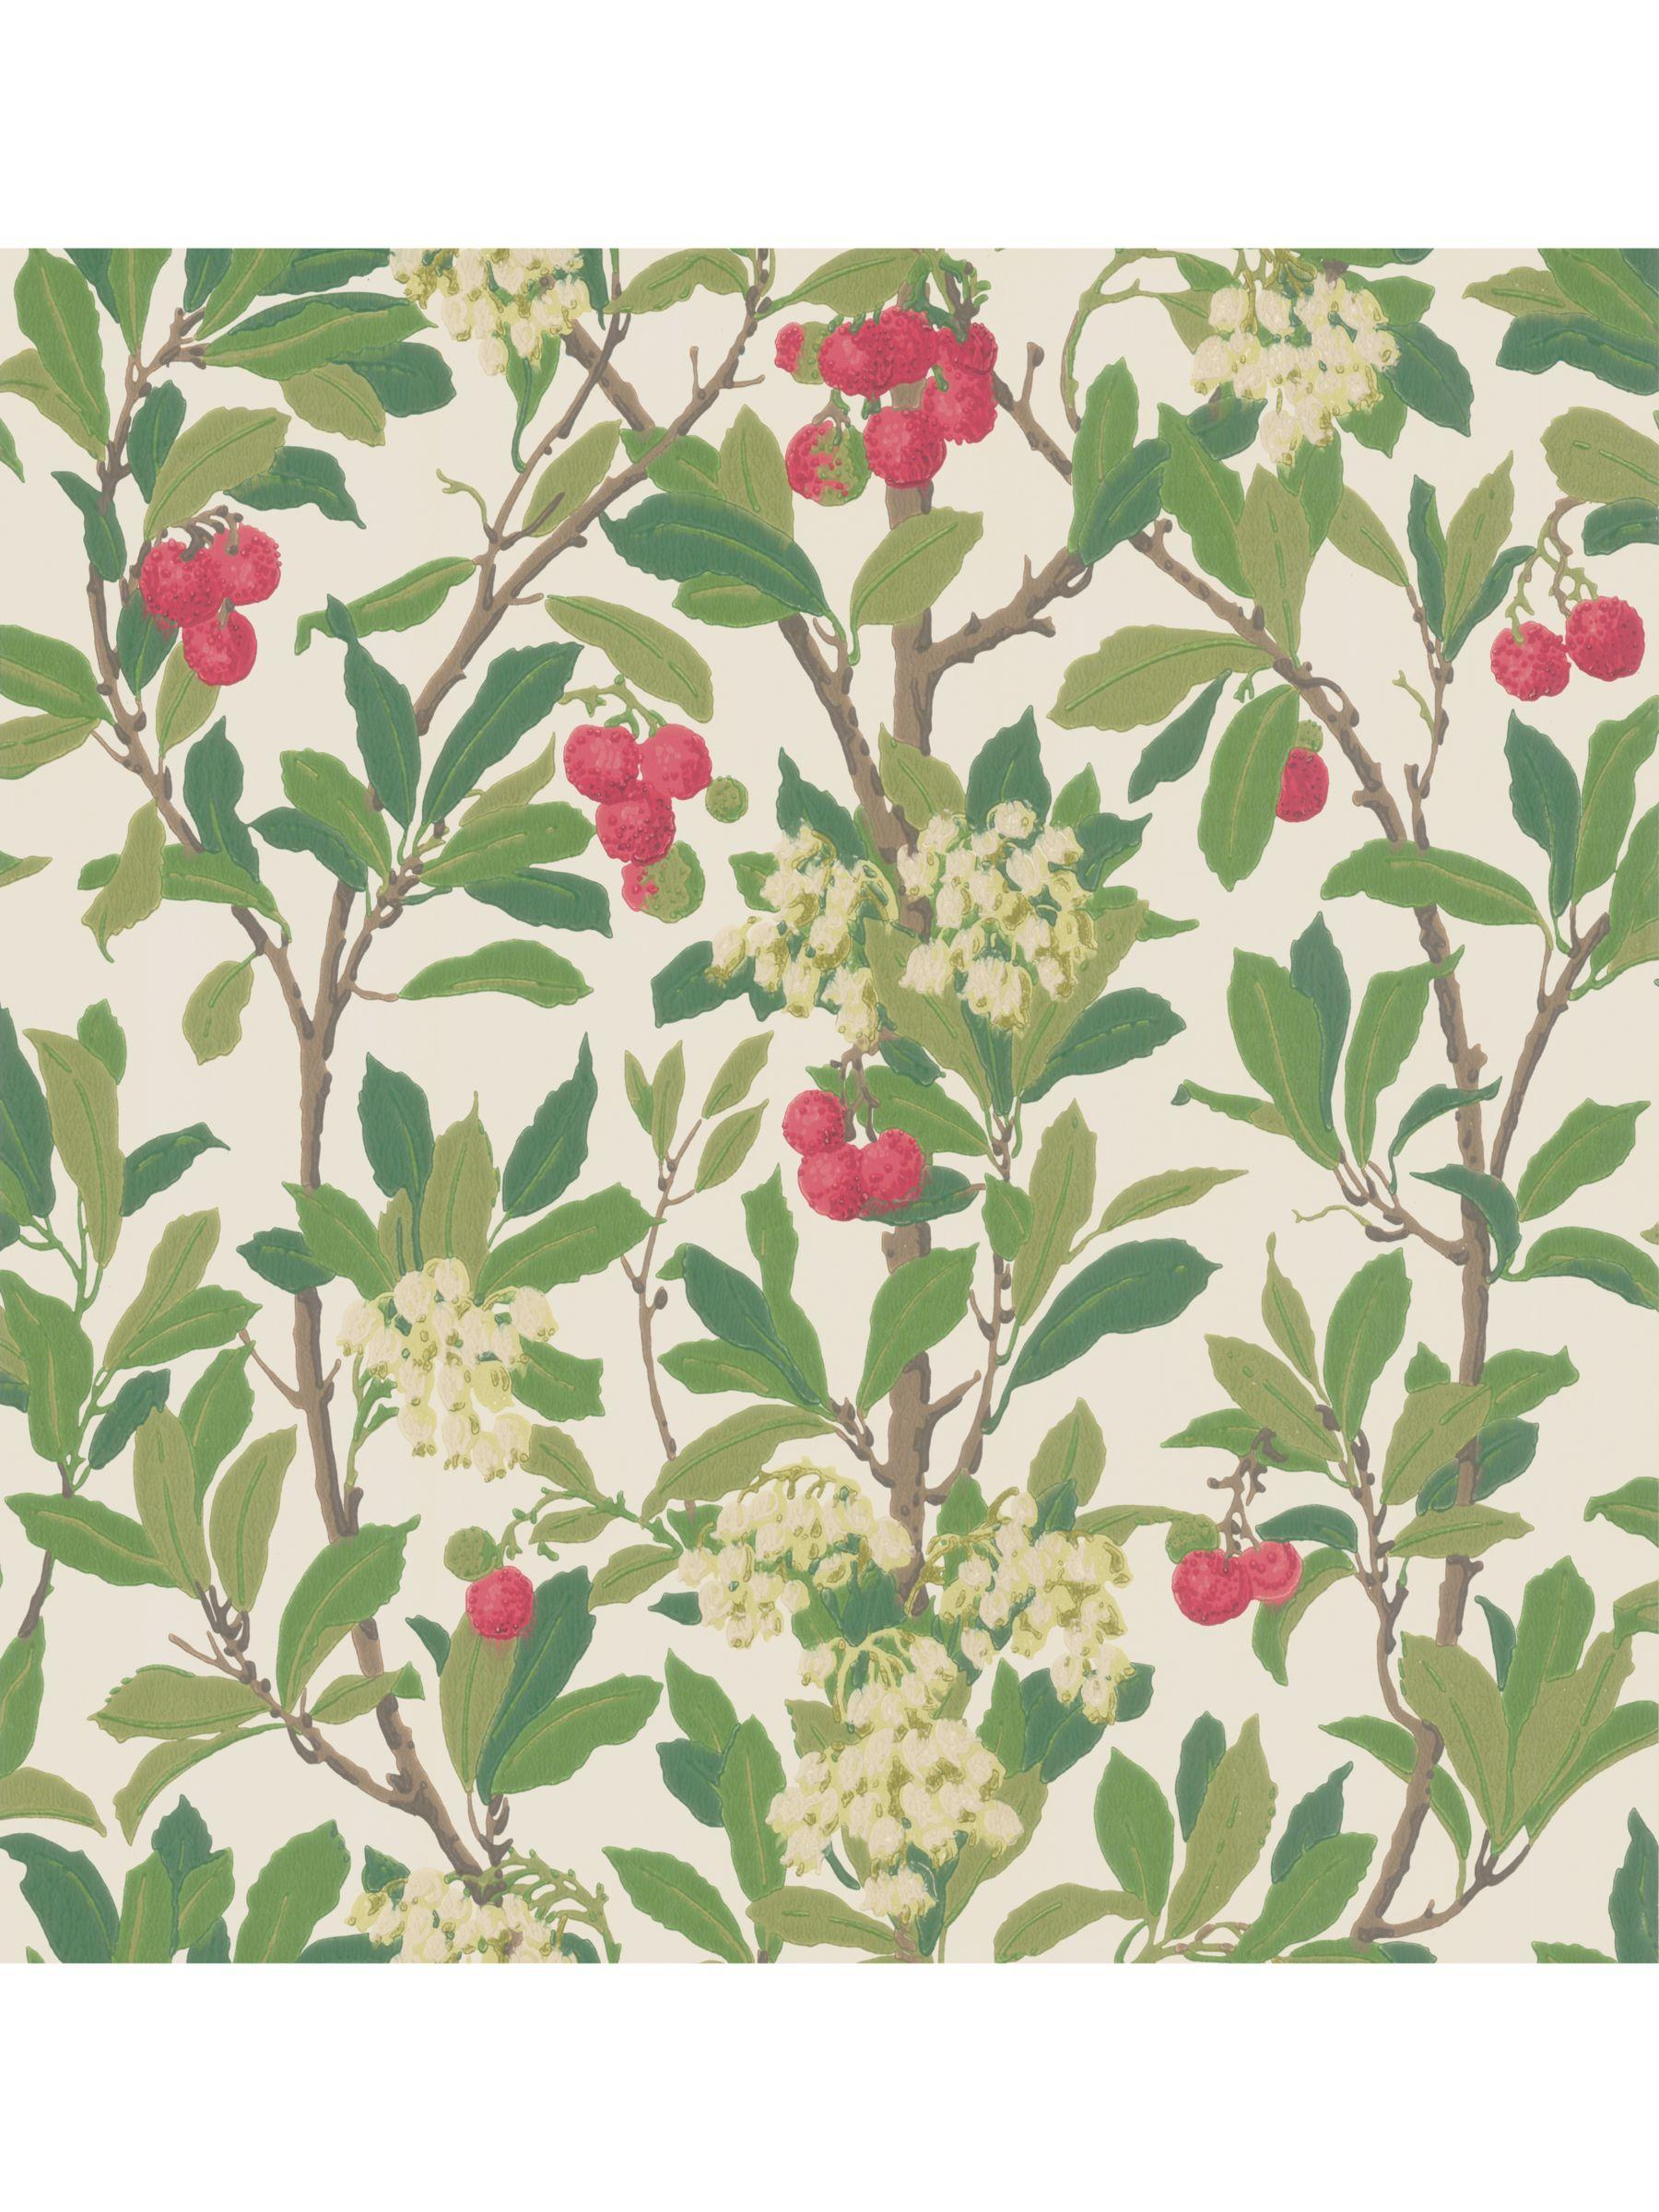 Cole & Son Cole & Son Strawberry Tree Wallpaper